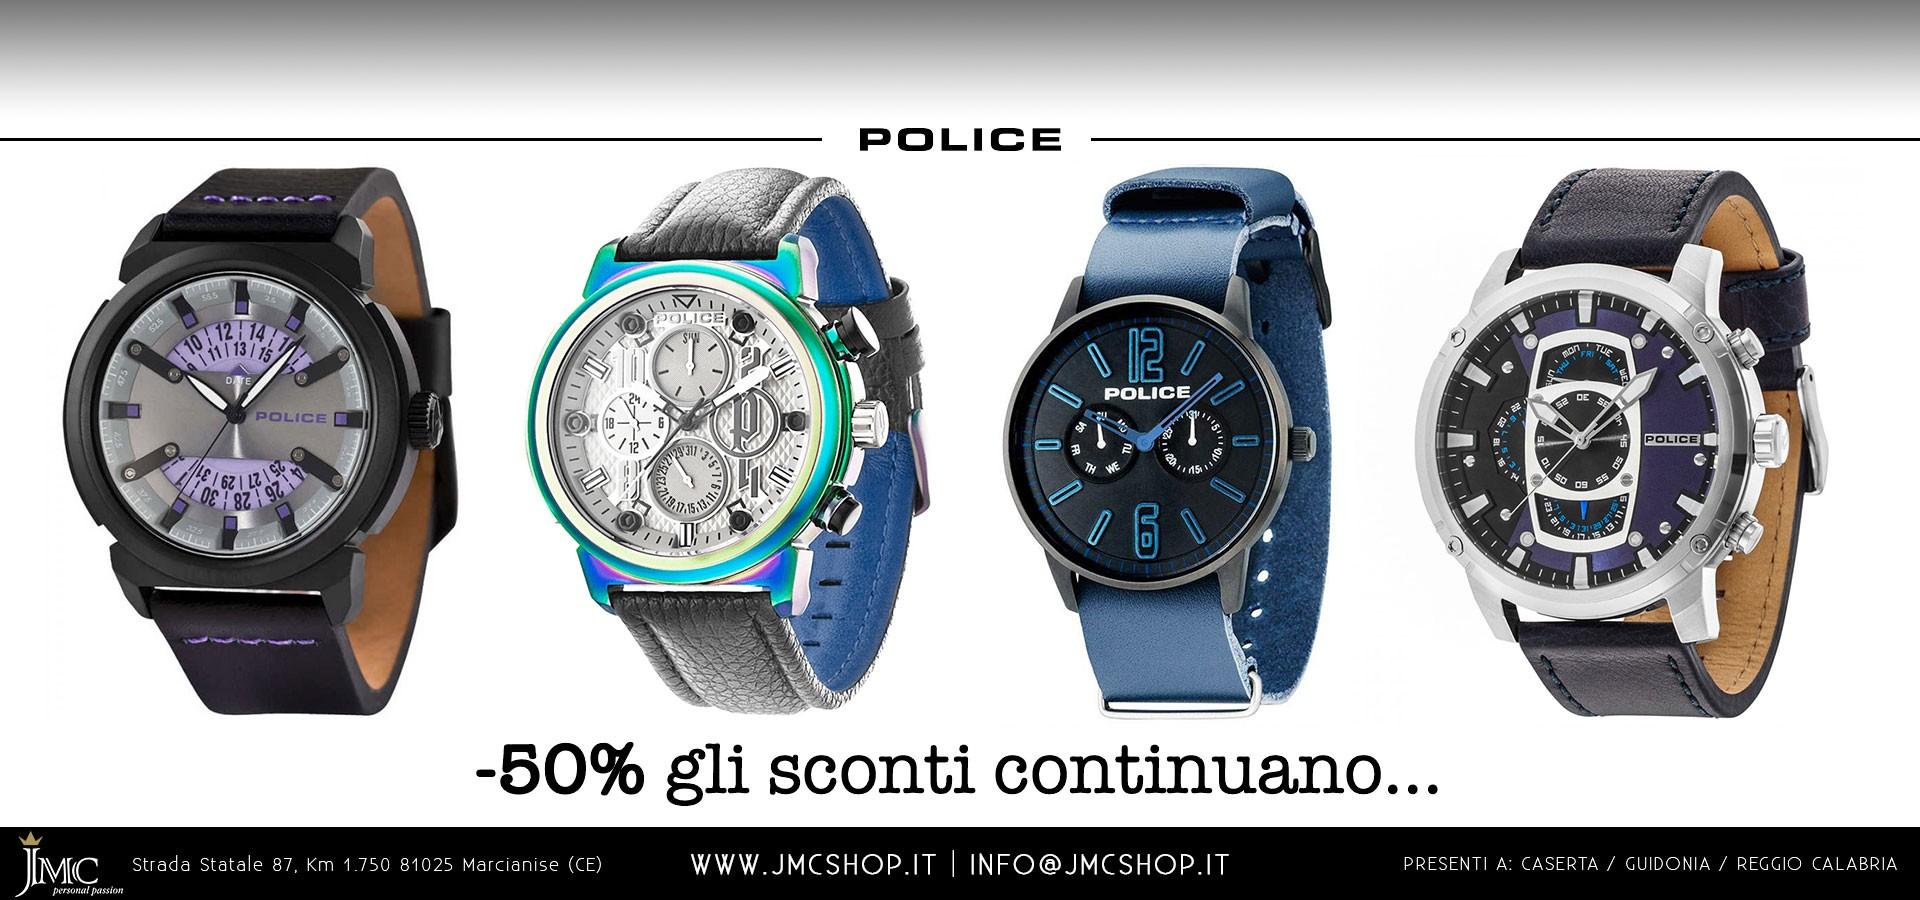 Orologi POLICE da uomo e da donna in sconto al 50%